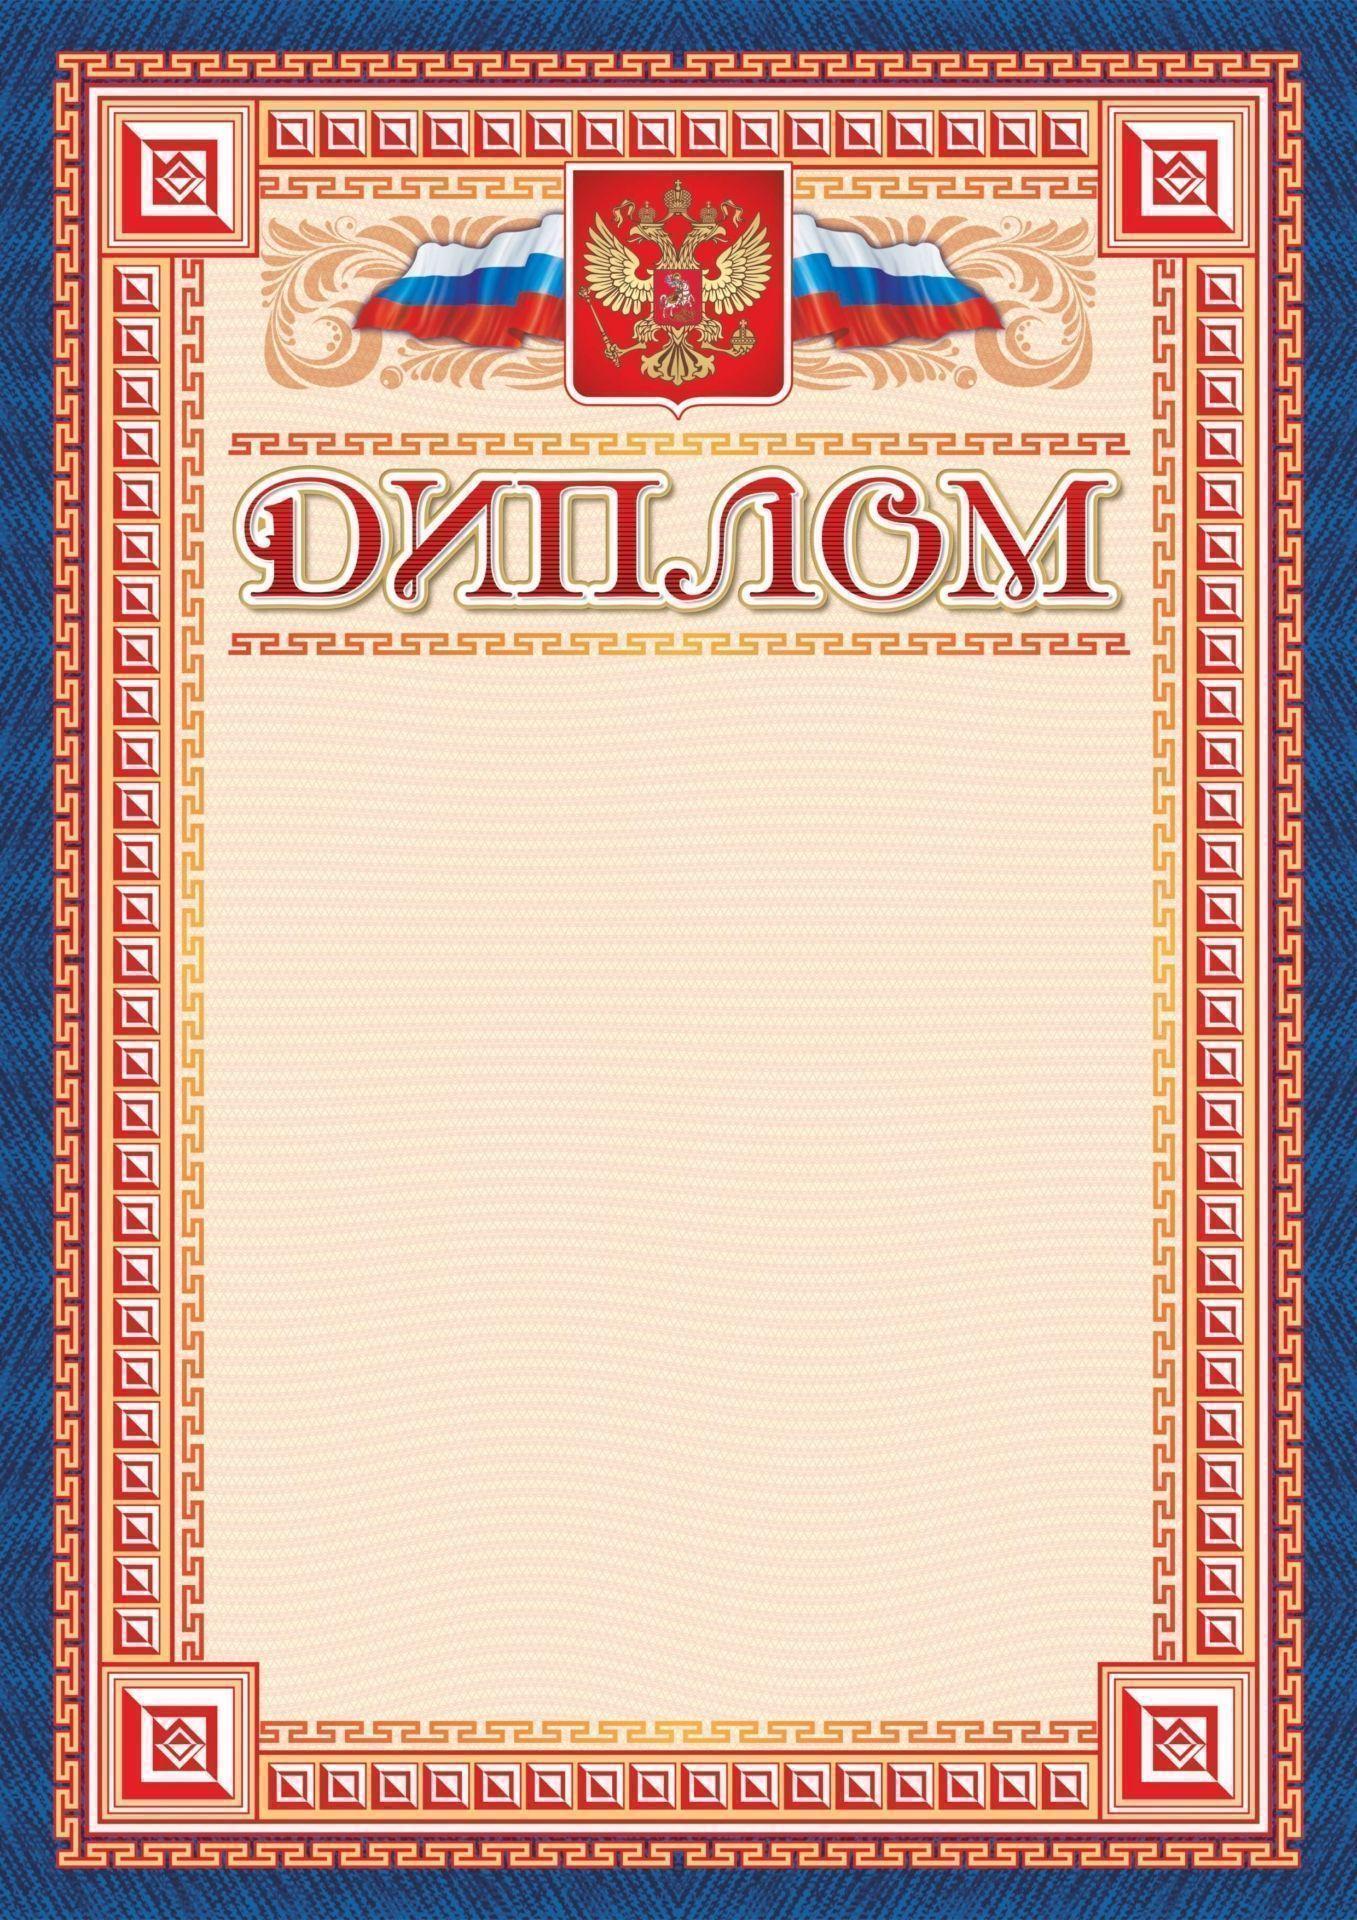 Диплом (с гербом и флагом, рамка красные квадраты)